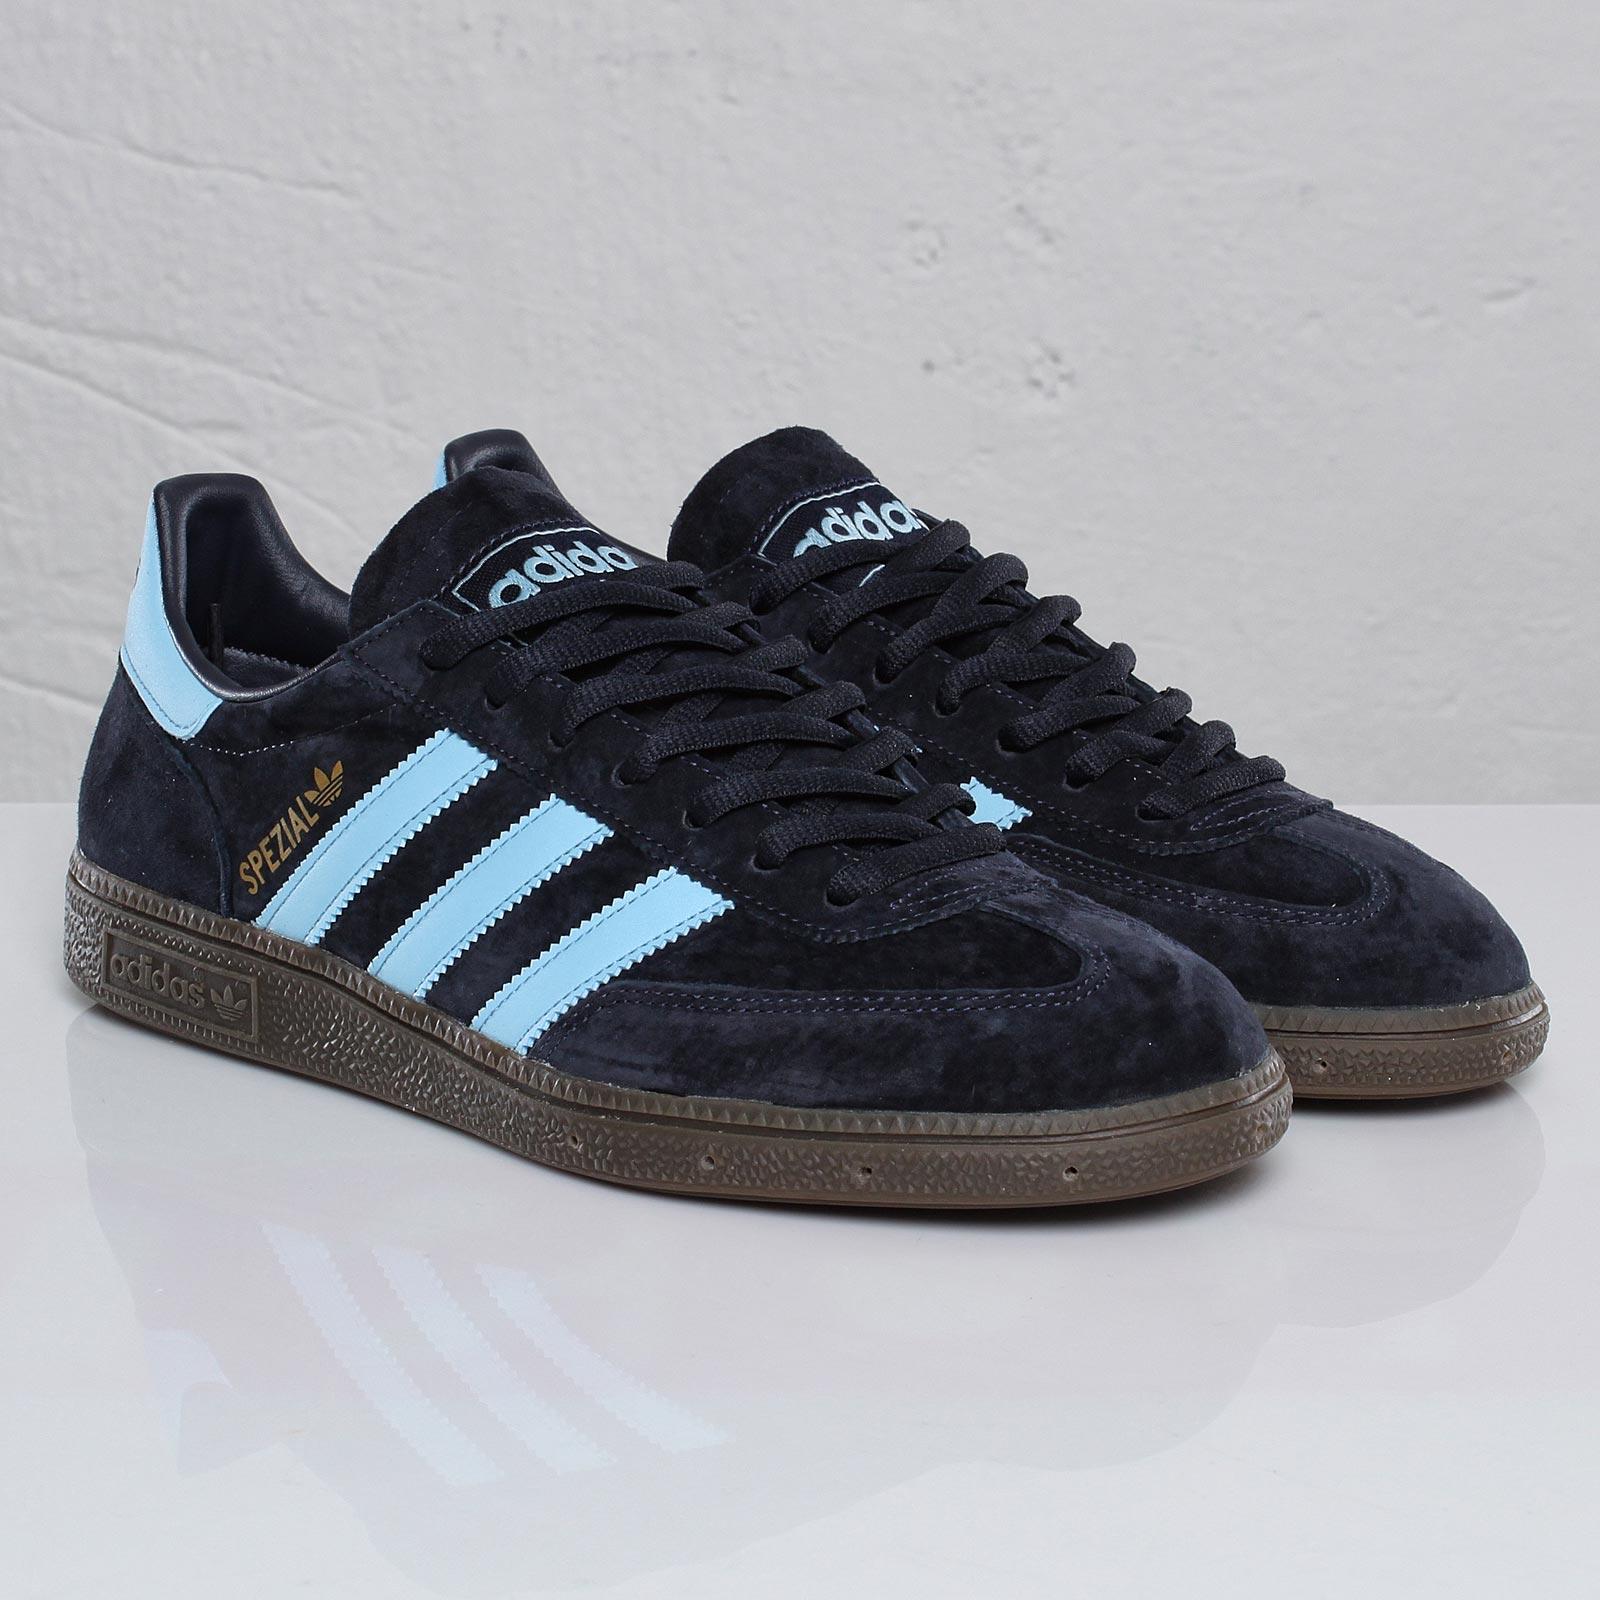 Sneaker Sneakersnstuff 81122 Amp; Ggzrp Streetwear Spezial